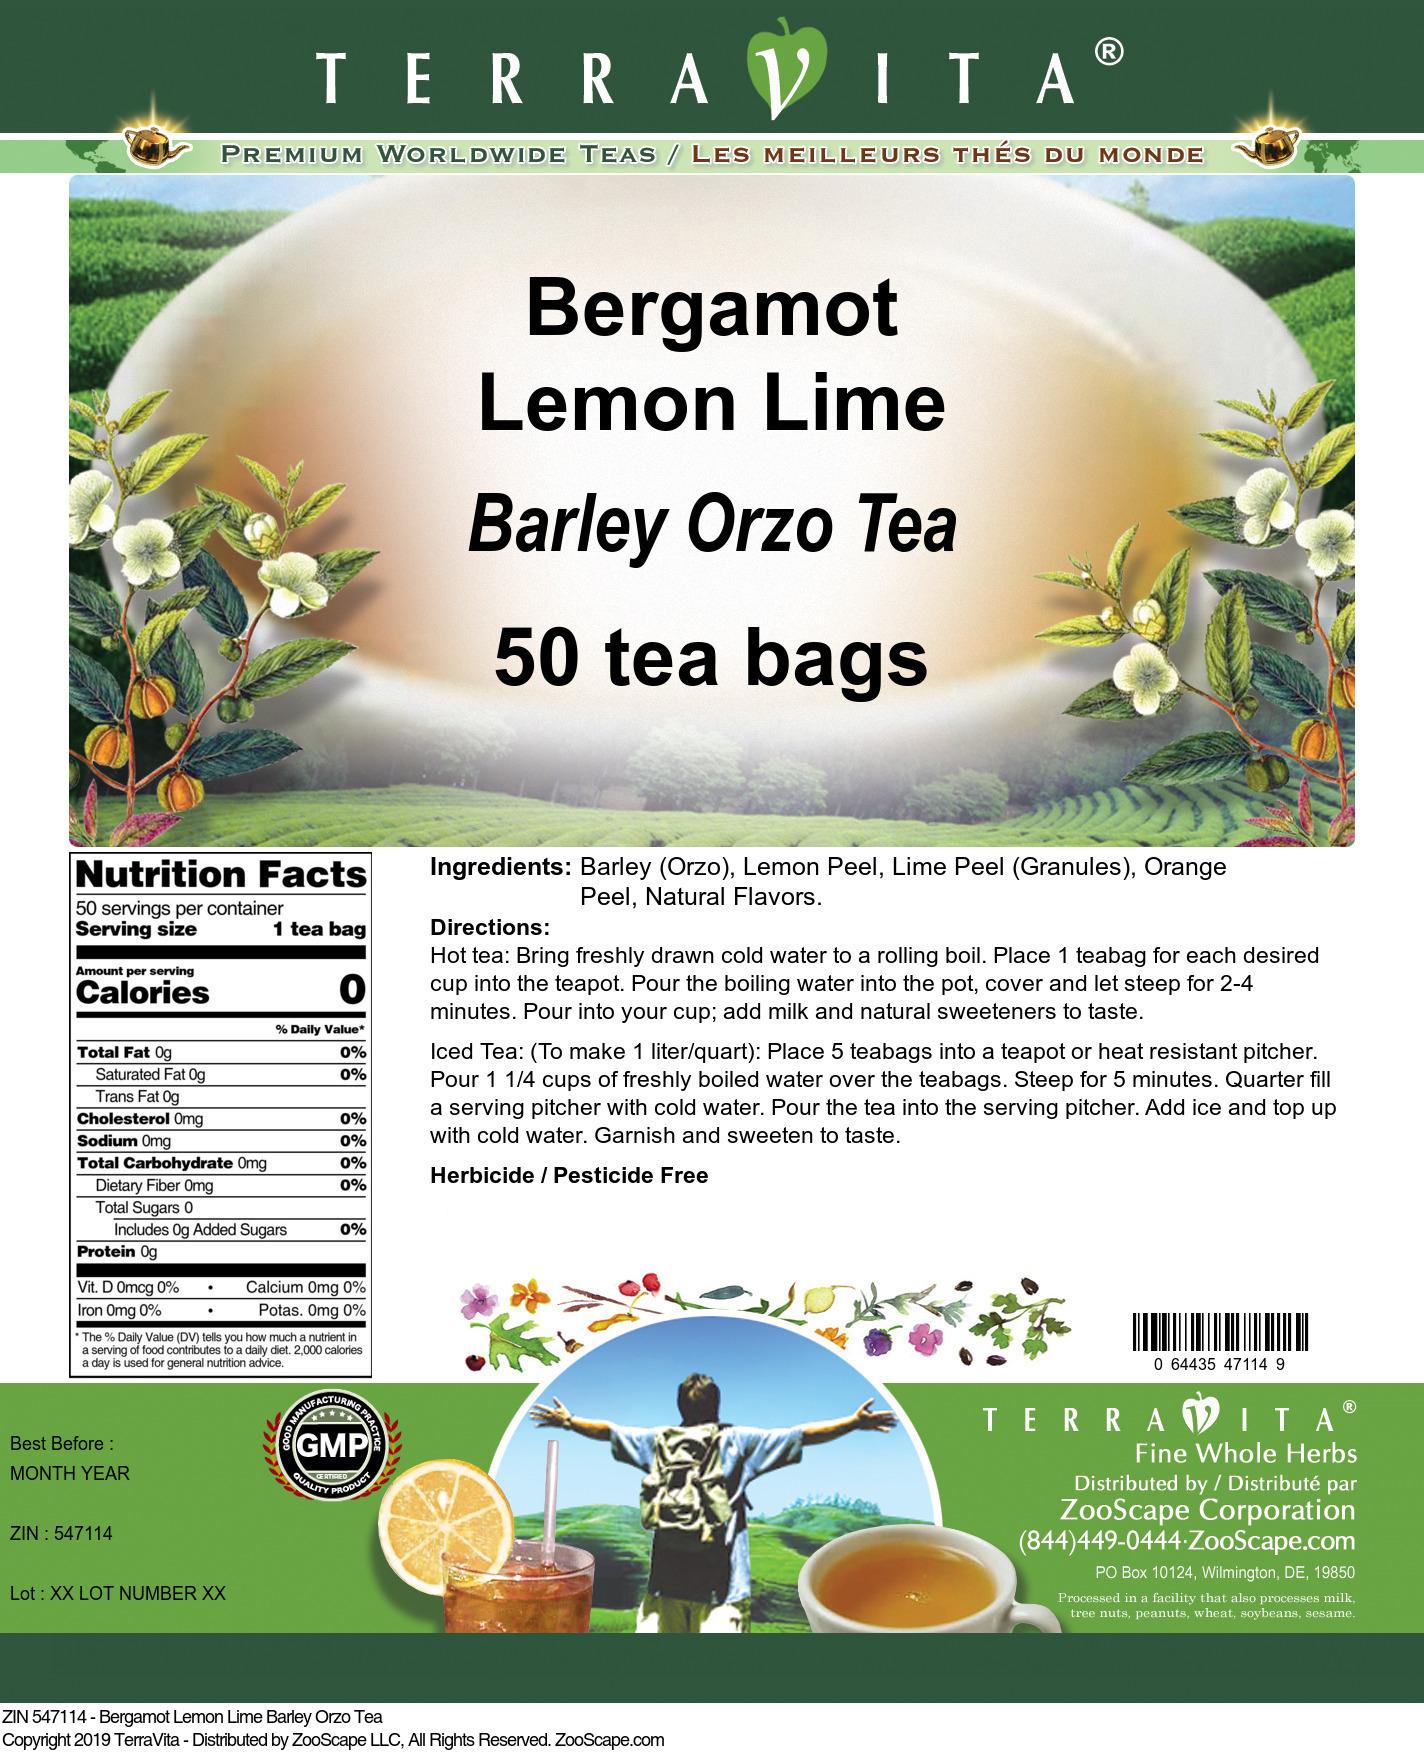 Bergamot Lemon Lime Barley Orzo